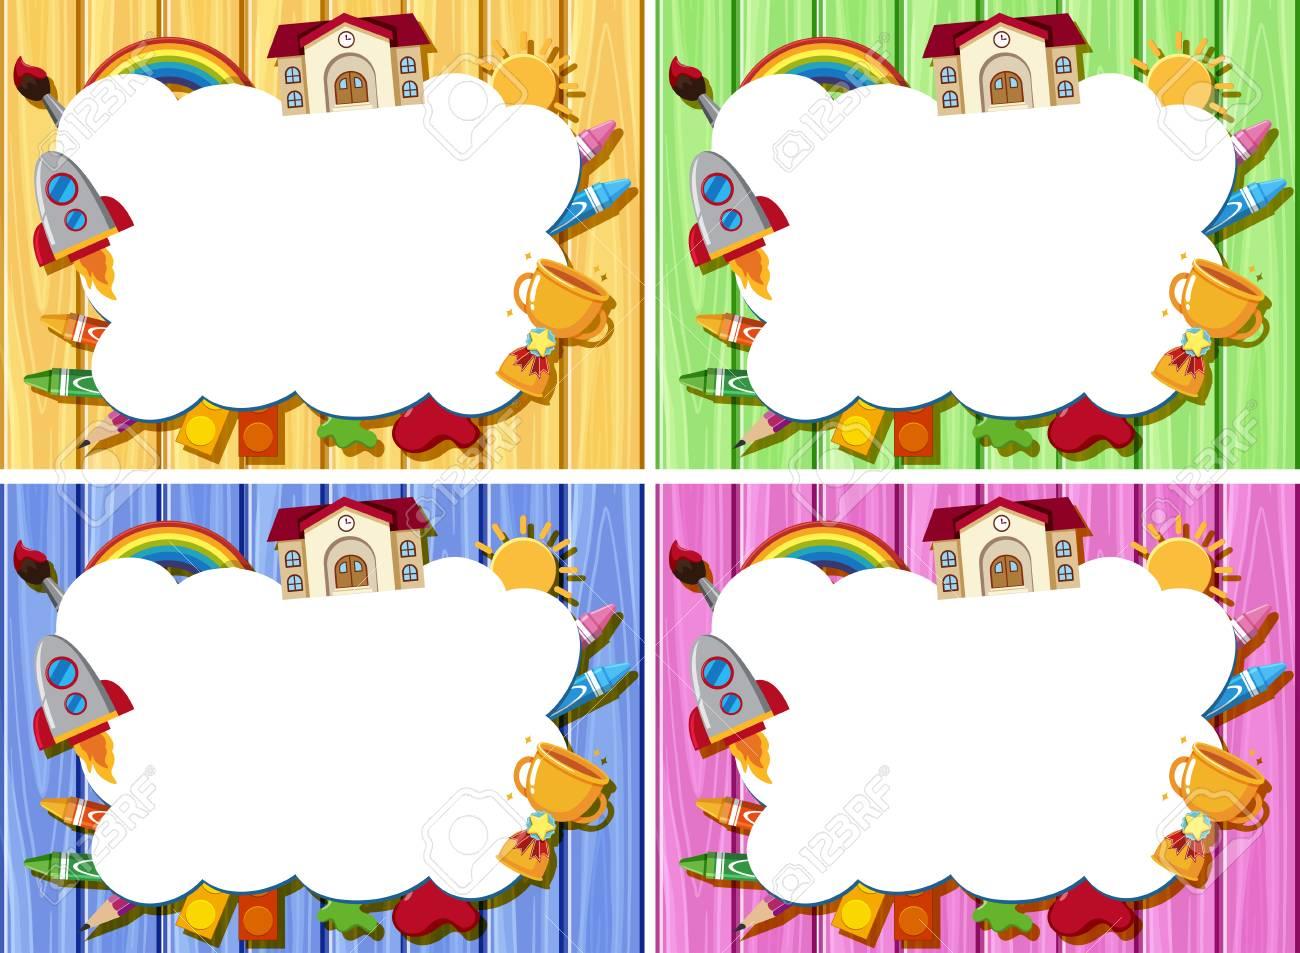 Cuatro Plantillas De Borde Con Diferente Color De La Ilustración De ...